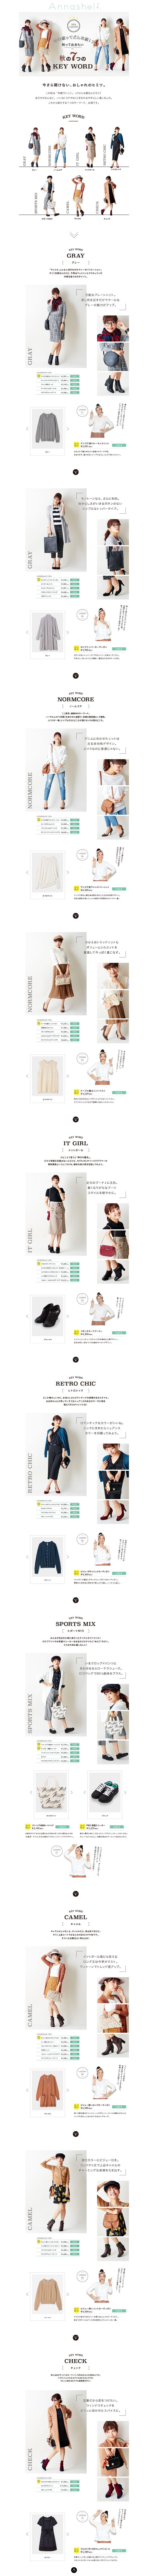 ファッション通販イマージュネット【ファッション関連】のLPデザイン。WEBデザイナーさん必見!ランディングページのデザイン参考に(かわいい系)                                                                                                                                                                                 もっと見る